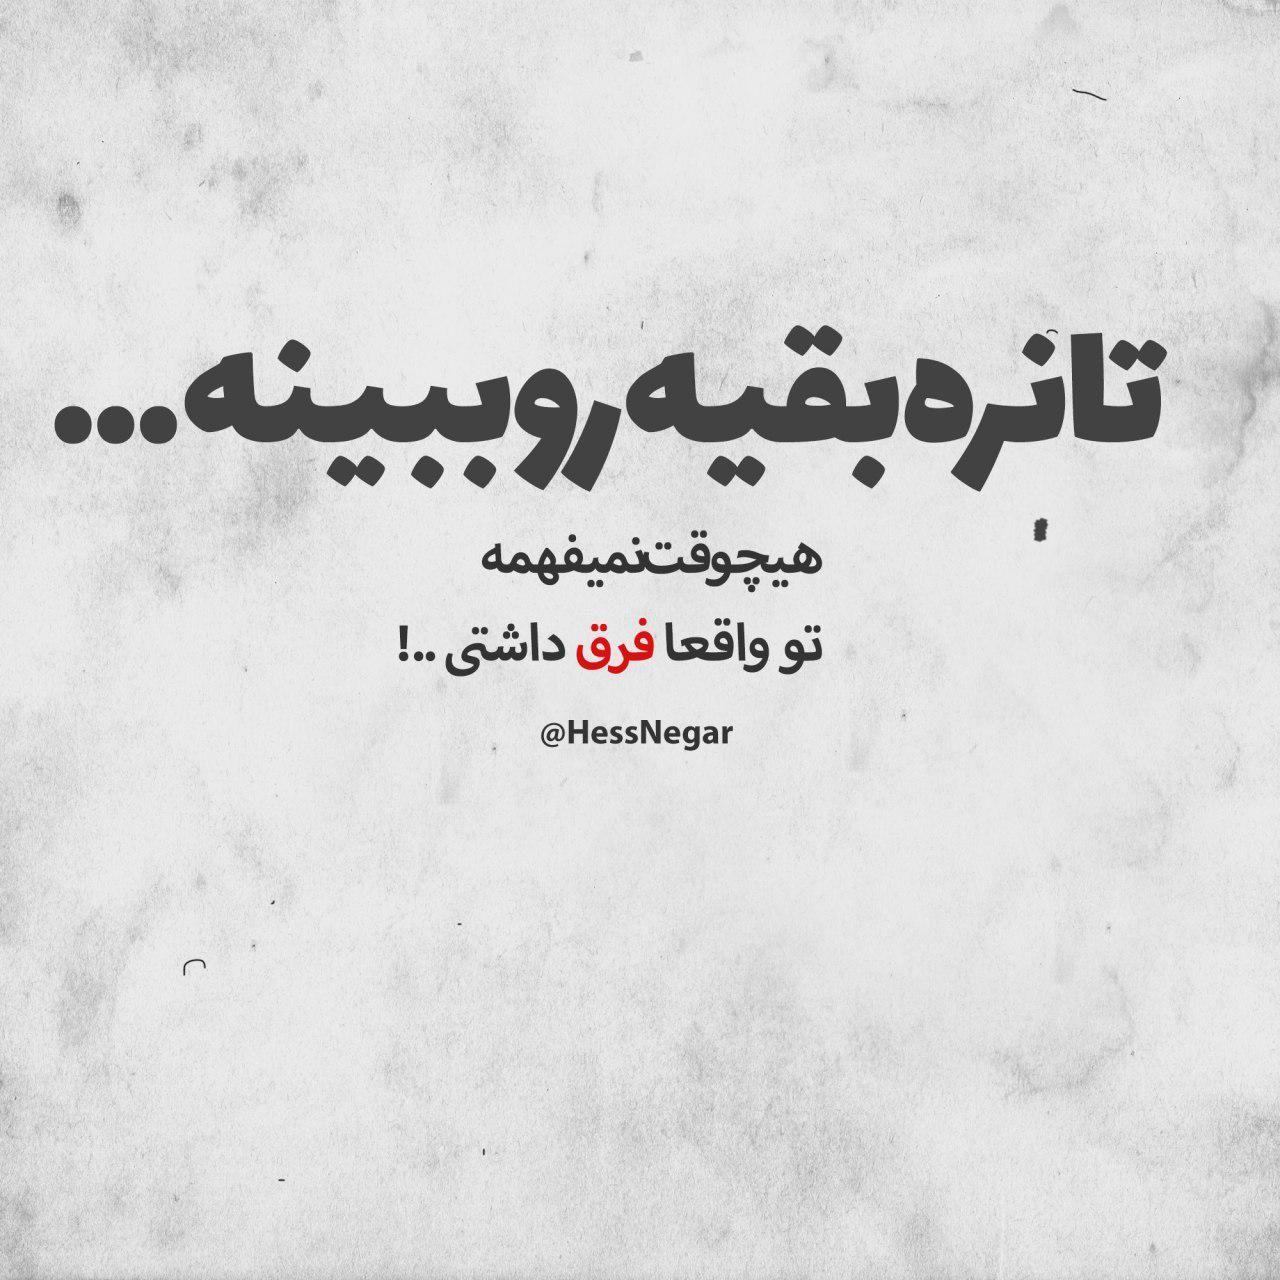 متن های عاشقانه دل شکسته + عکس نوشته پروفایل عاشقانه (سری جدید)